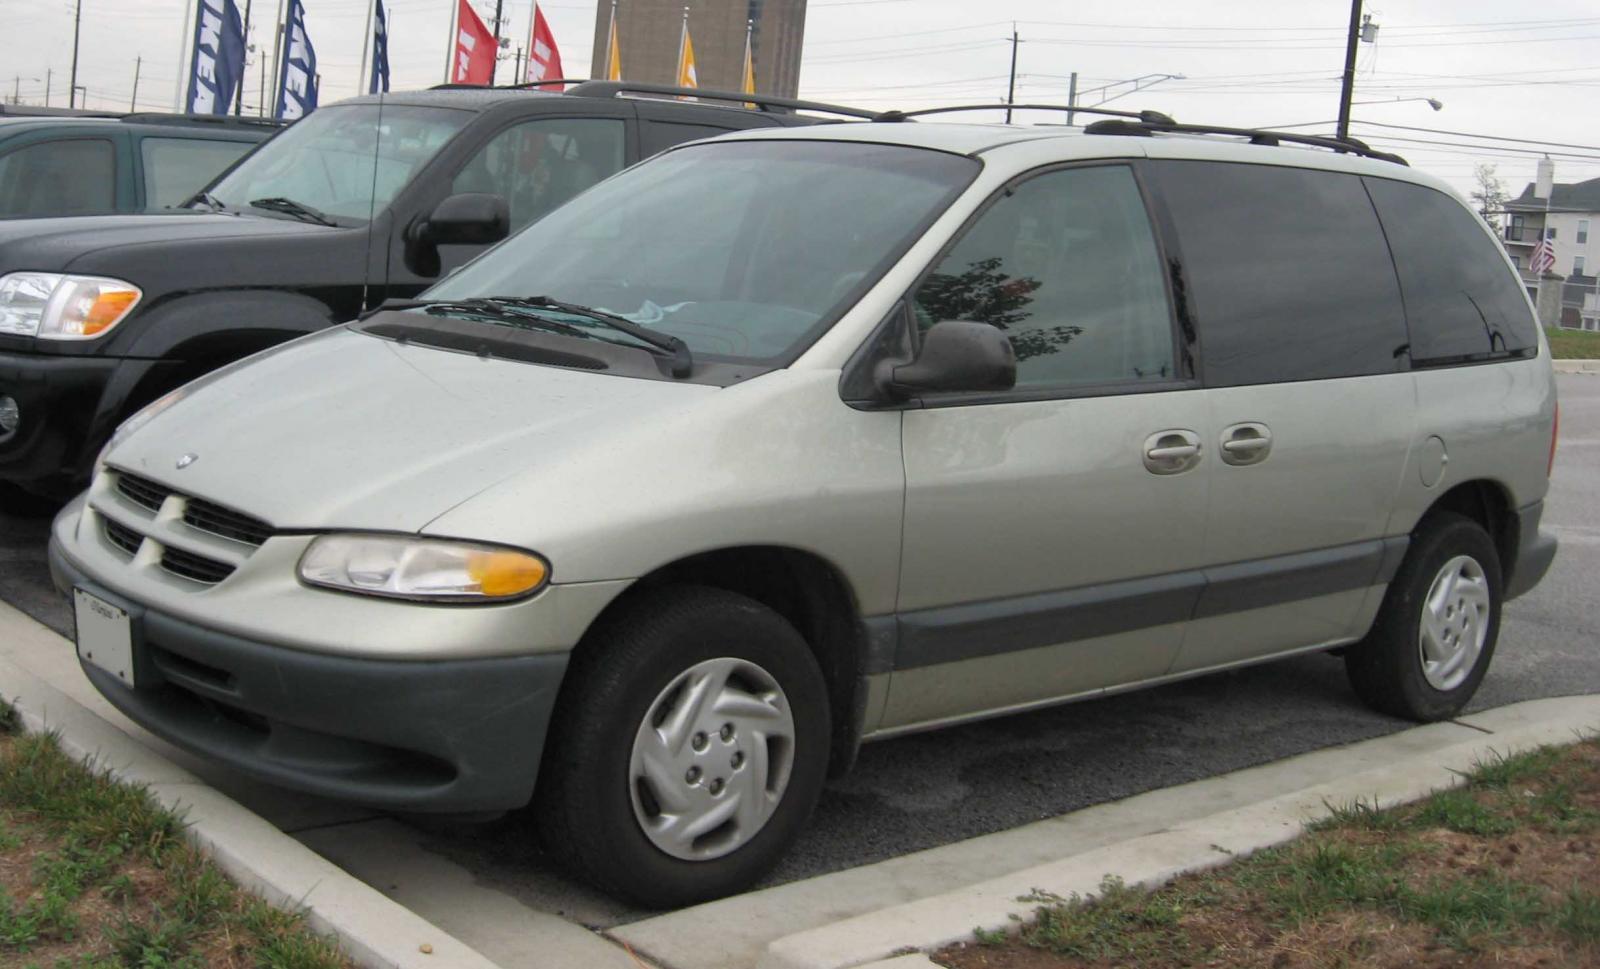 Dodge dodge 1999 caravan : 2000 Dodge Caravan - Information and photos - ZombieDrive